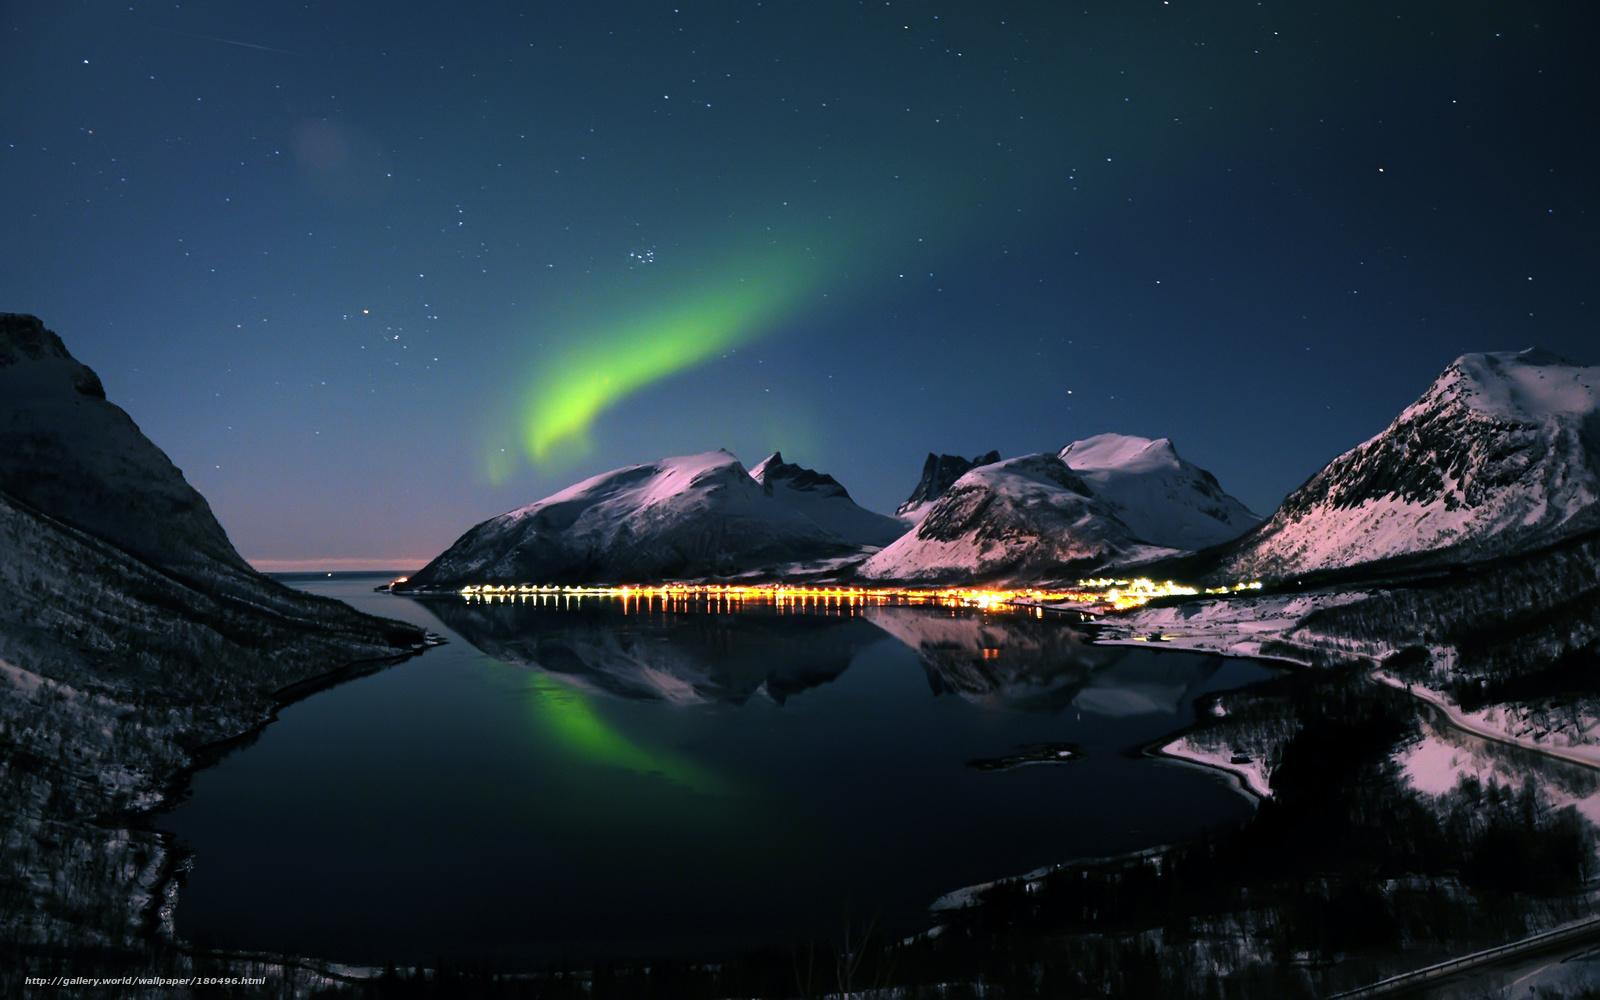 Scaricare gli sfondi notte inverno montagne aurora for Sfondi desktop aurora boreale